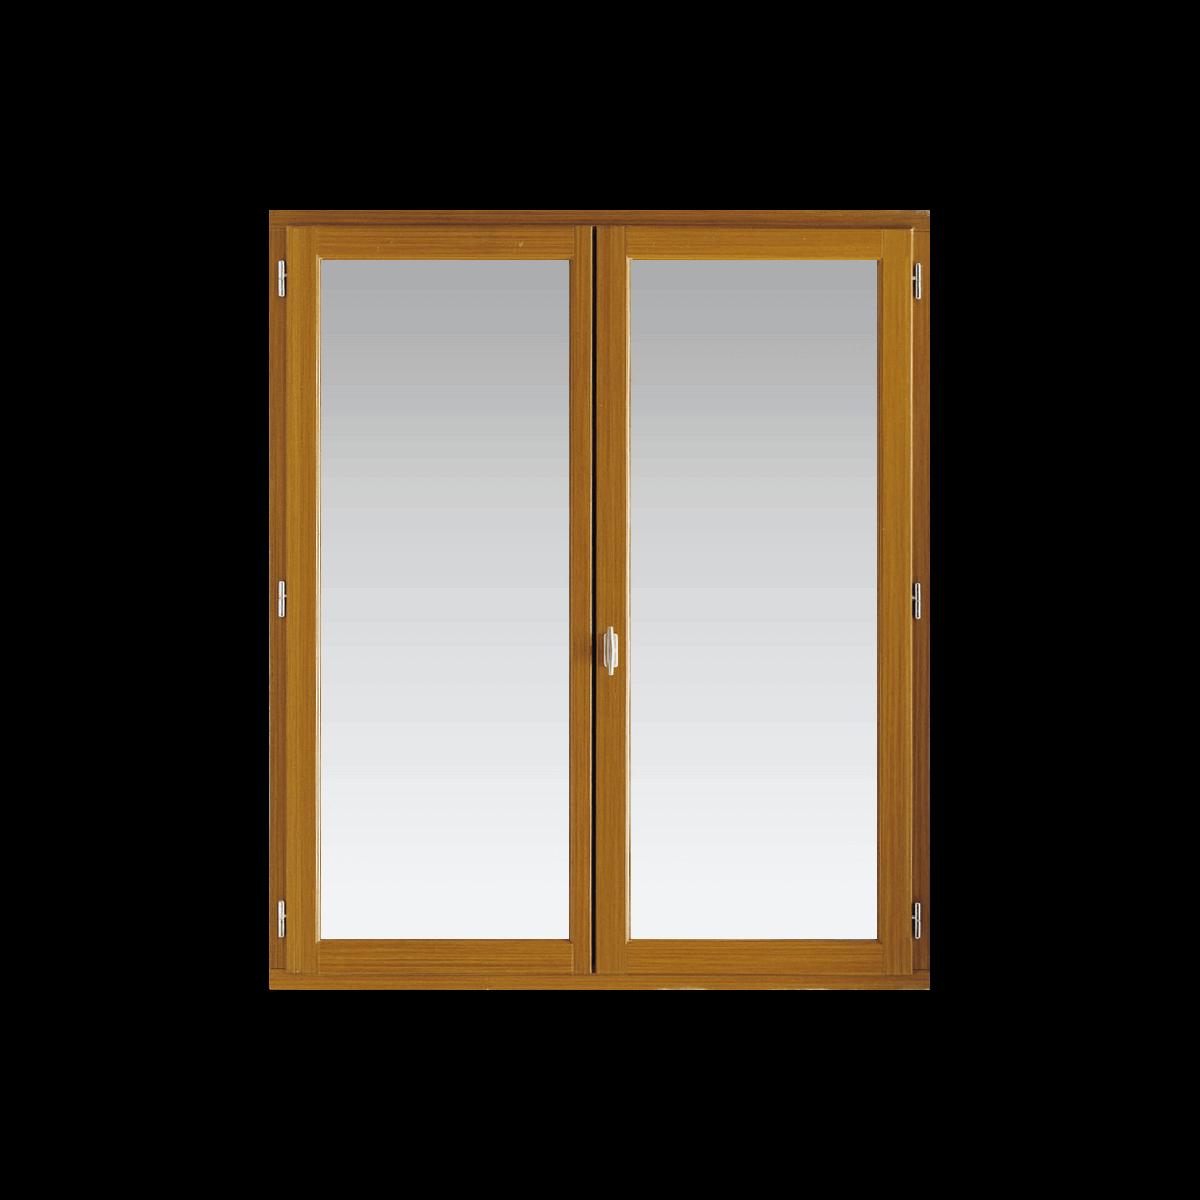 947fd357f240d5 Fenêtres, portes-fenêtres et baies coulissantes Chêne - Fenêtres ...